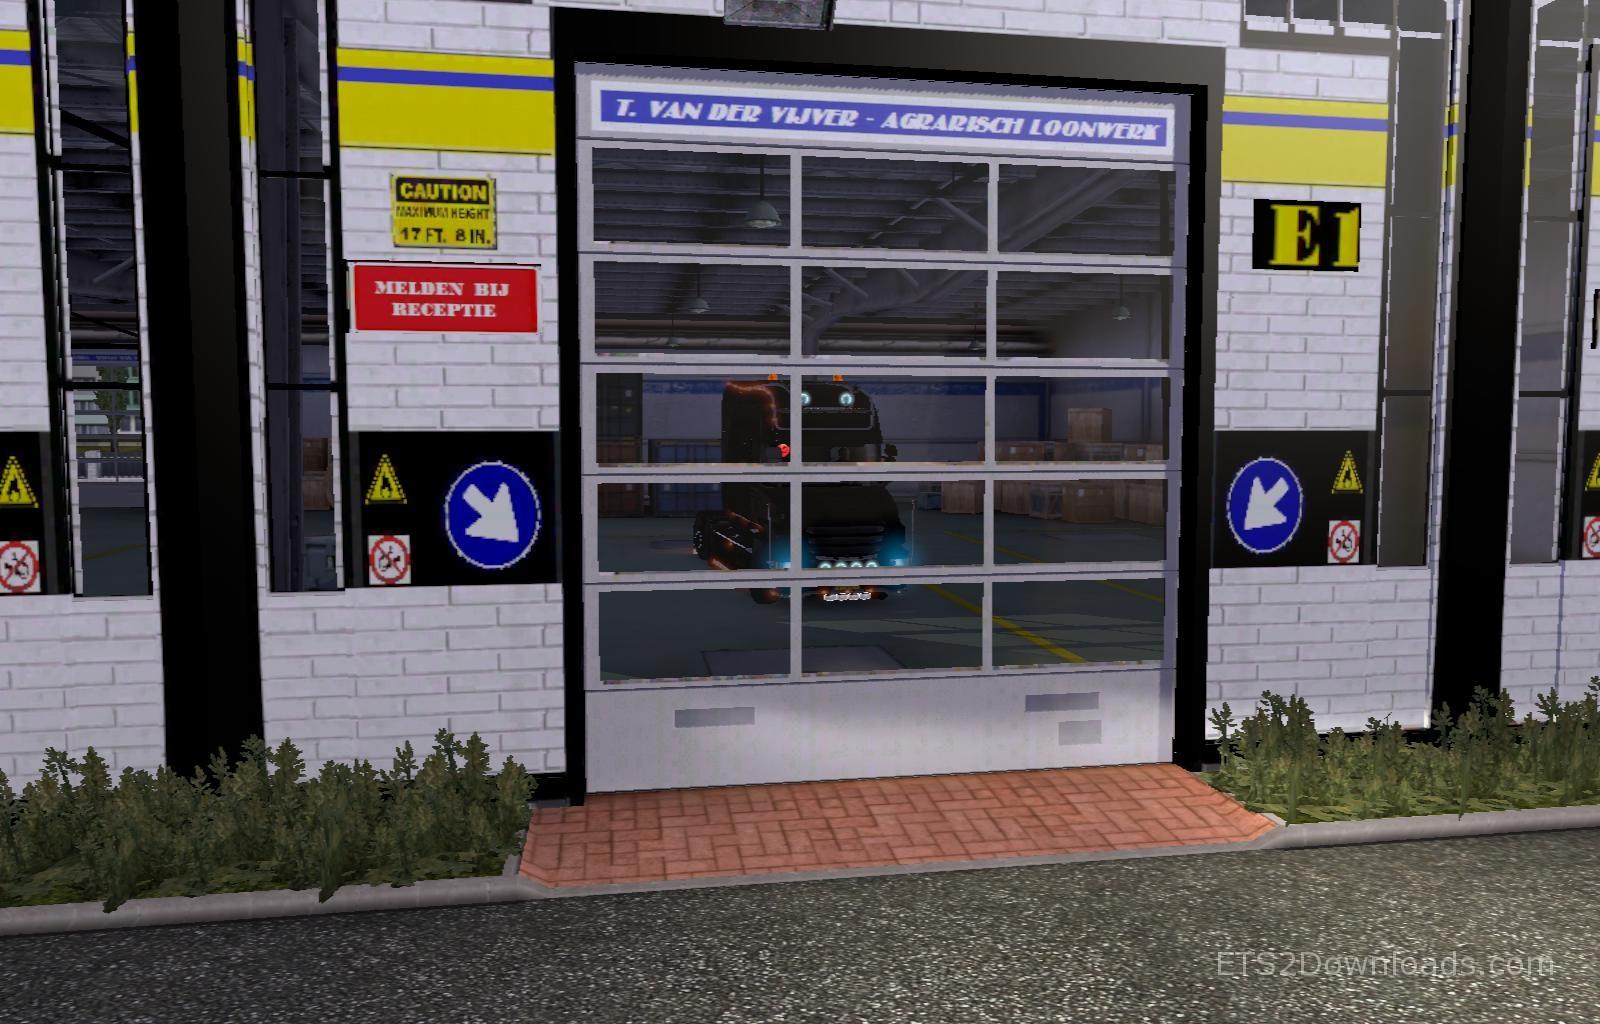 t-van-der-vijver-garage-ets2-3